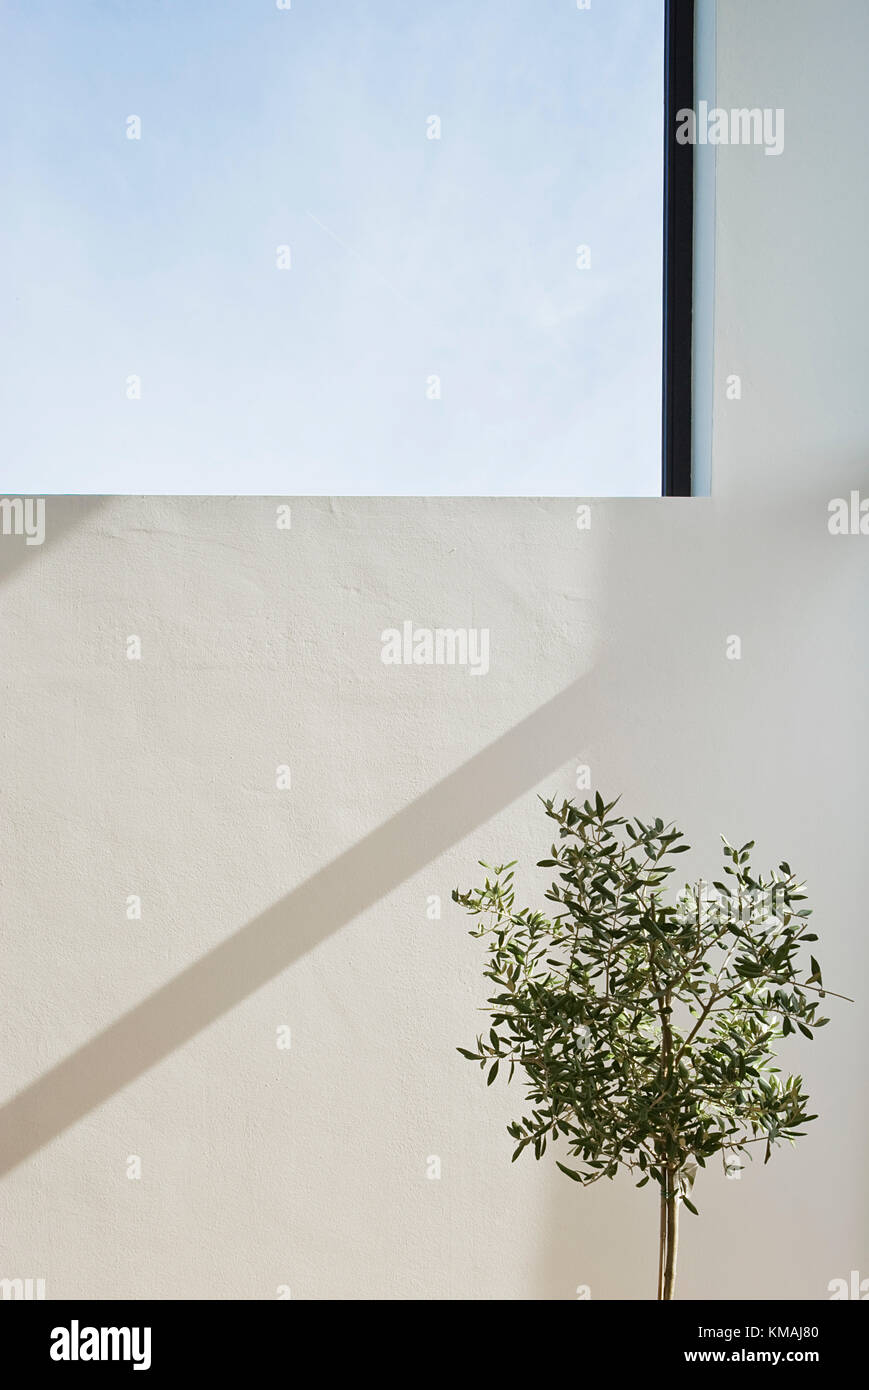 Haus, Familie, Hannover, Neubau, Design, moderne, Fenster, Detail, innen Stockbild